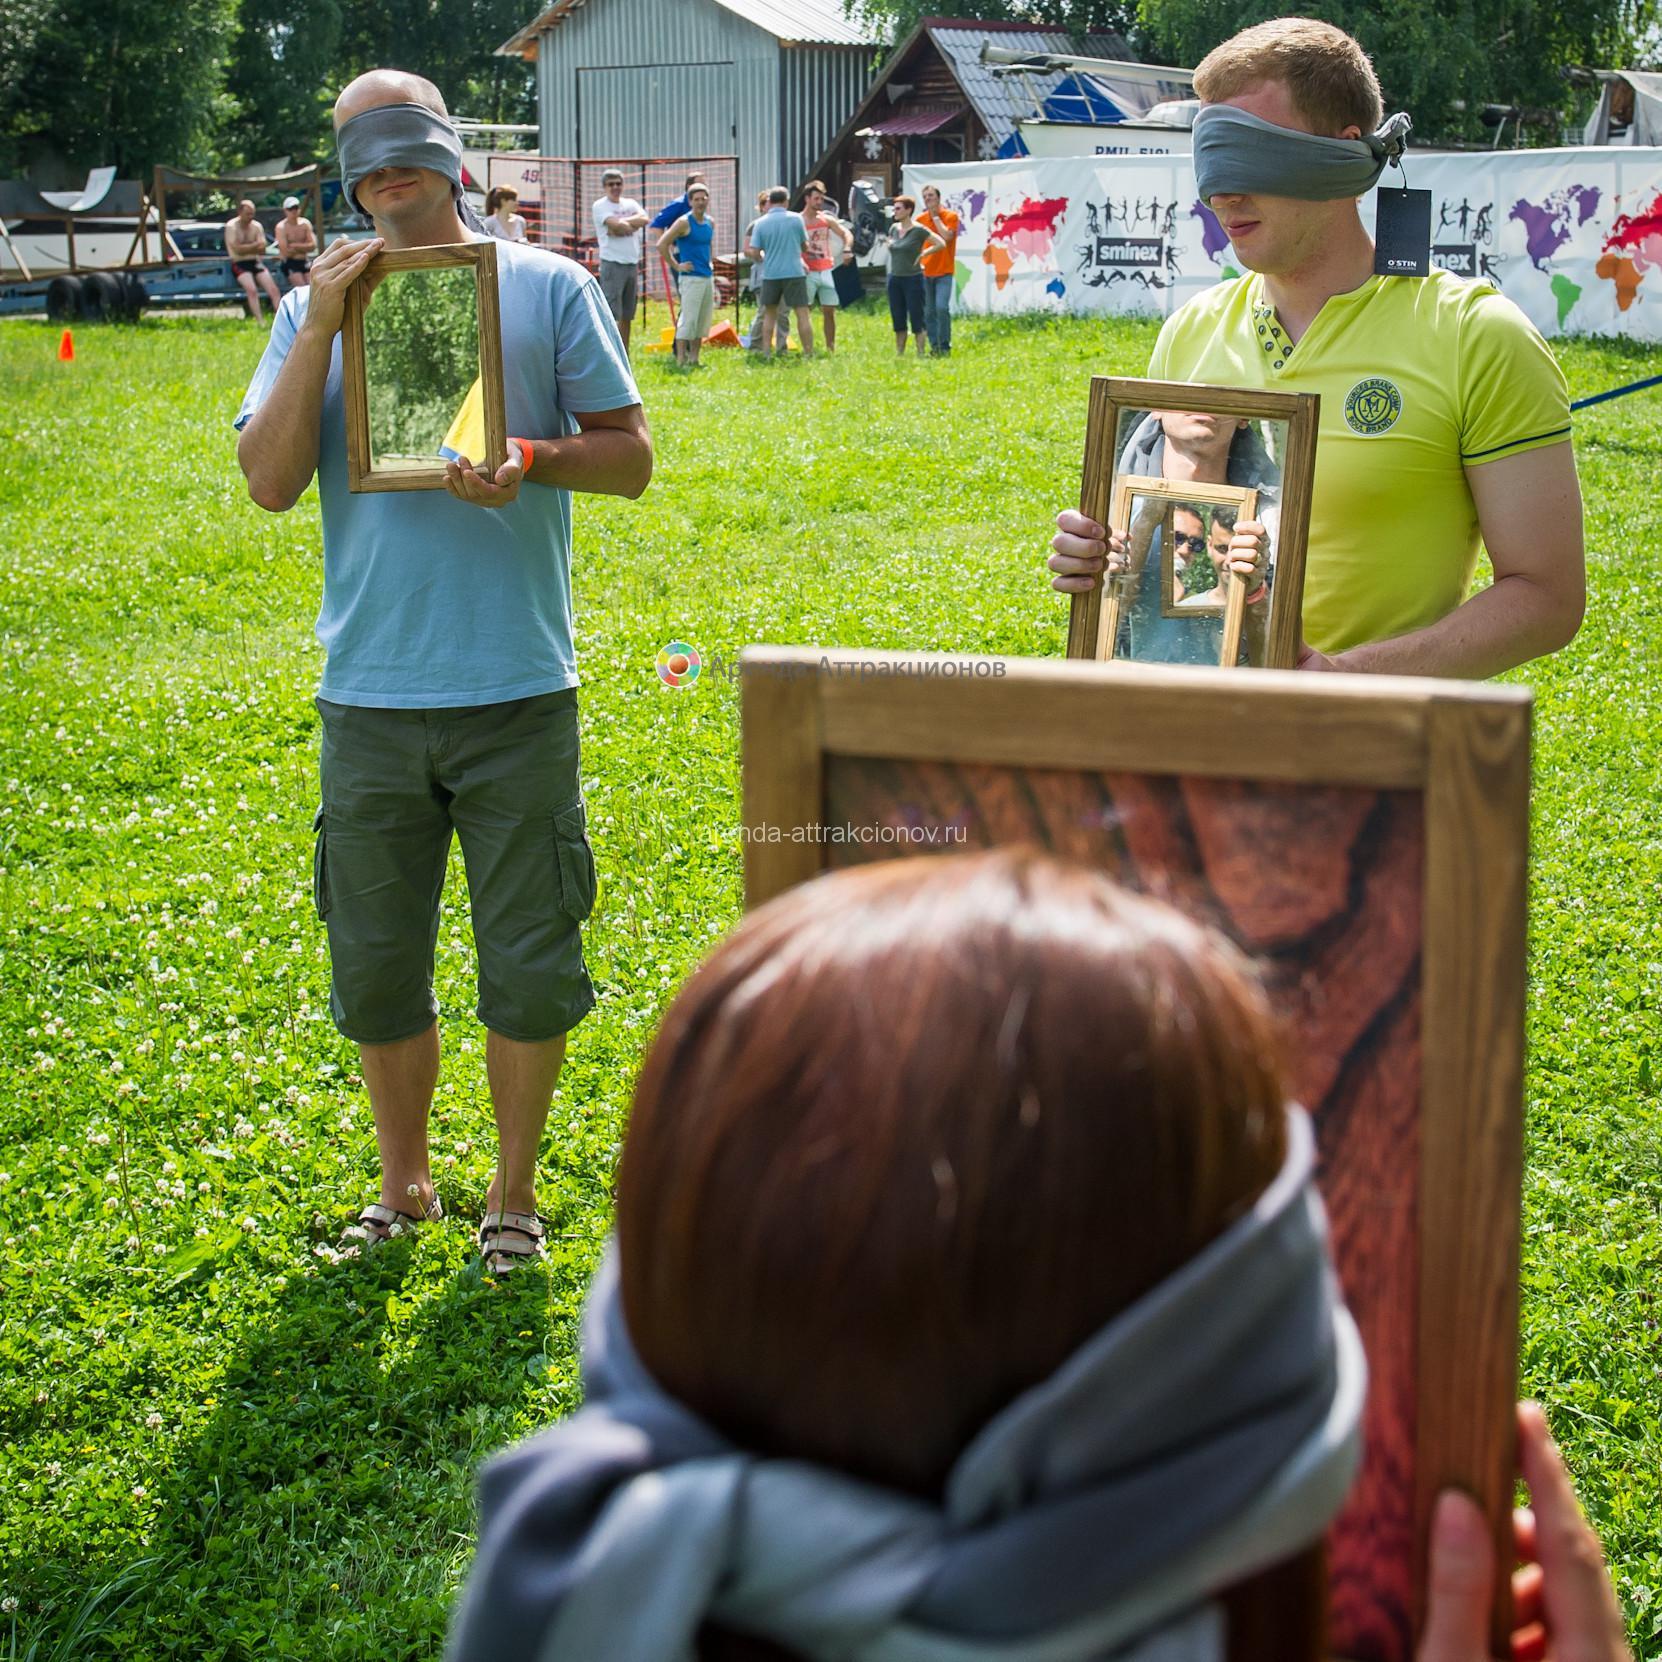 Участники игры, отображающиеся в зеркалах друг друга.